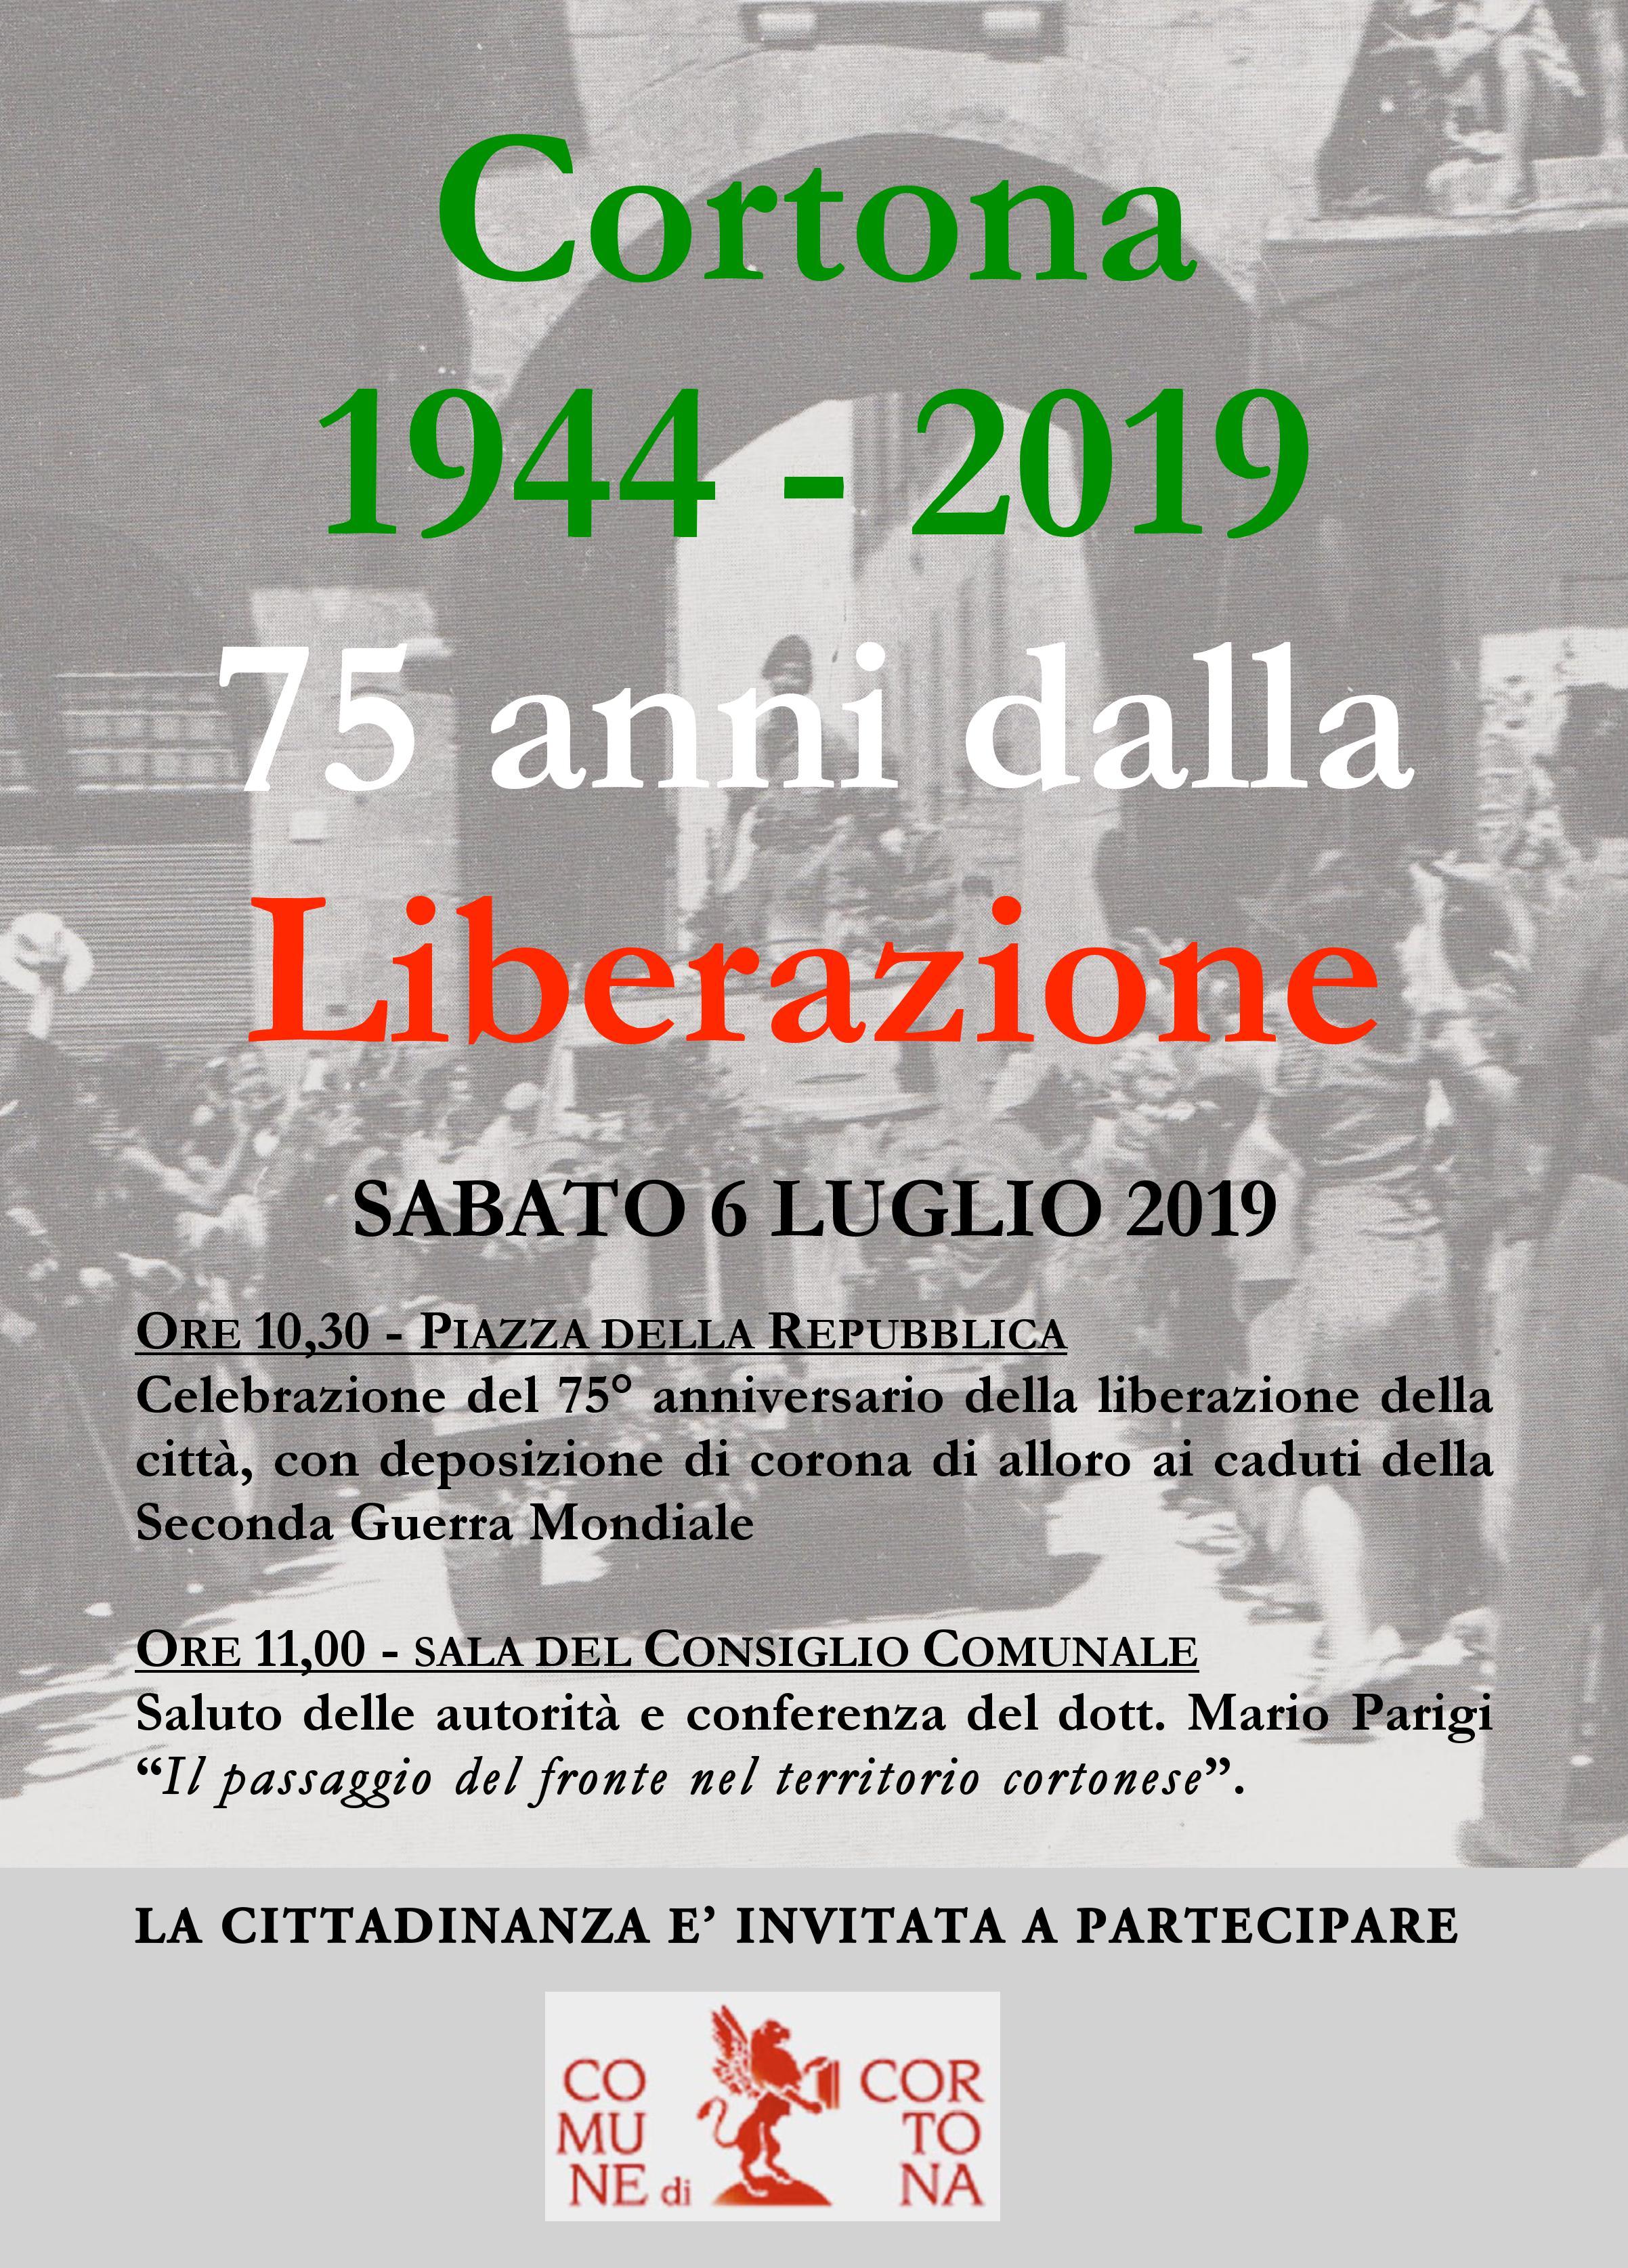 Celebrazione a Cortona per il 75esimo anniversario della Liberazione